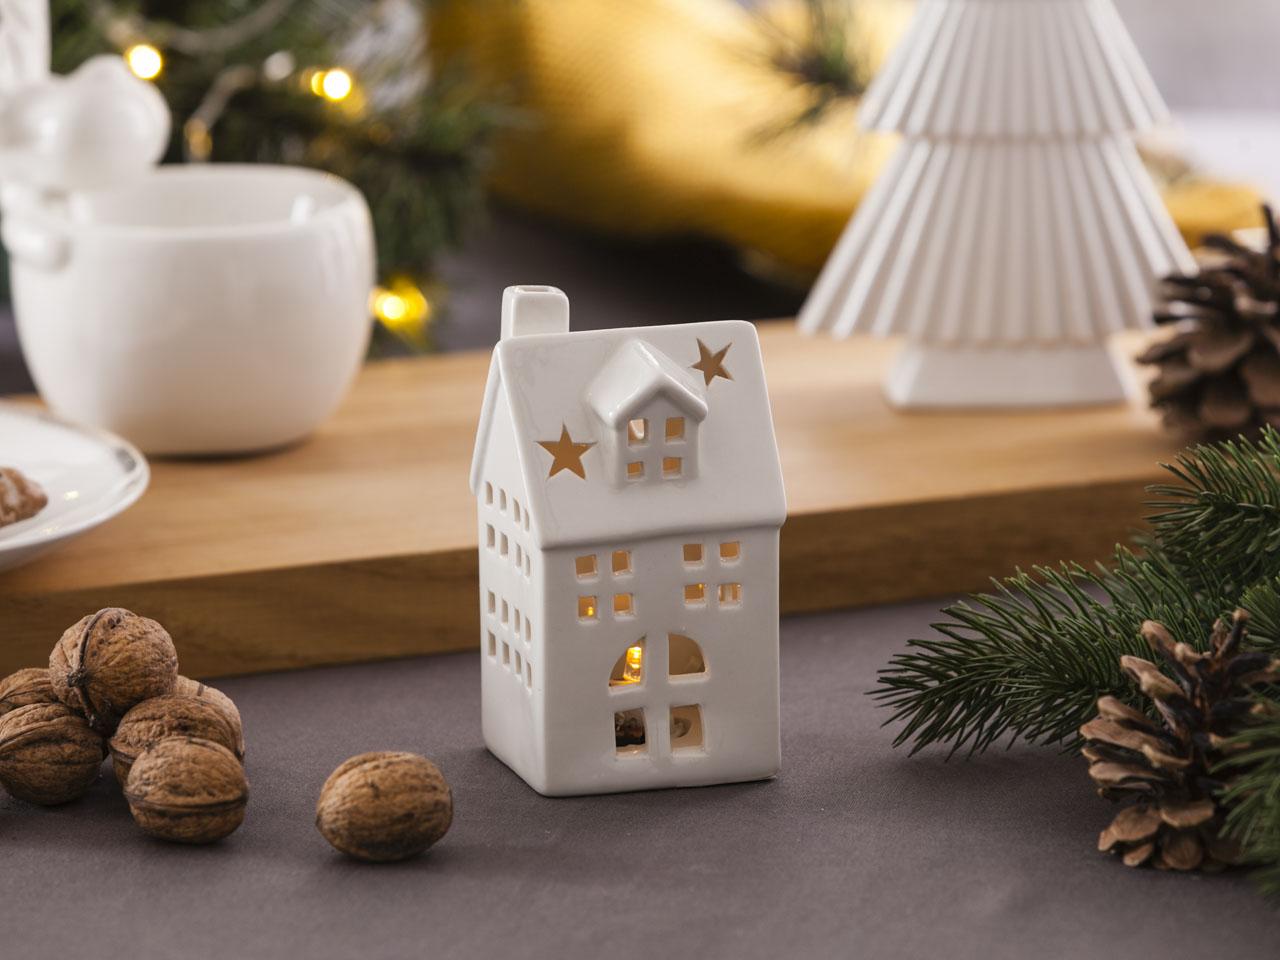 Domek porcelanowy z lampką LED / Lampion święta Boże Narodzenie Altom Design 6,5x6x12 cm